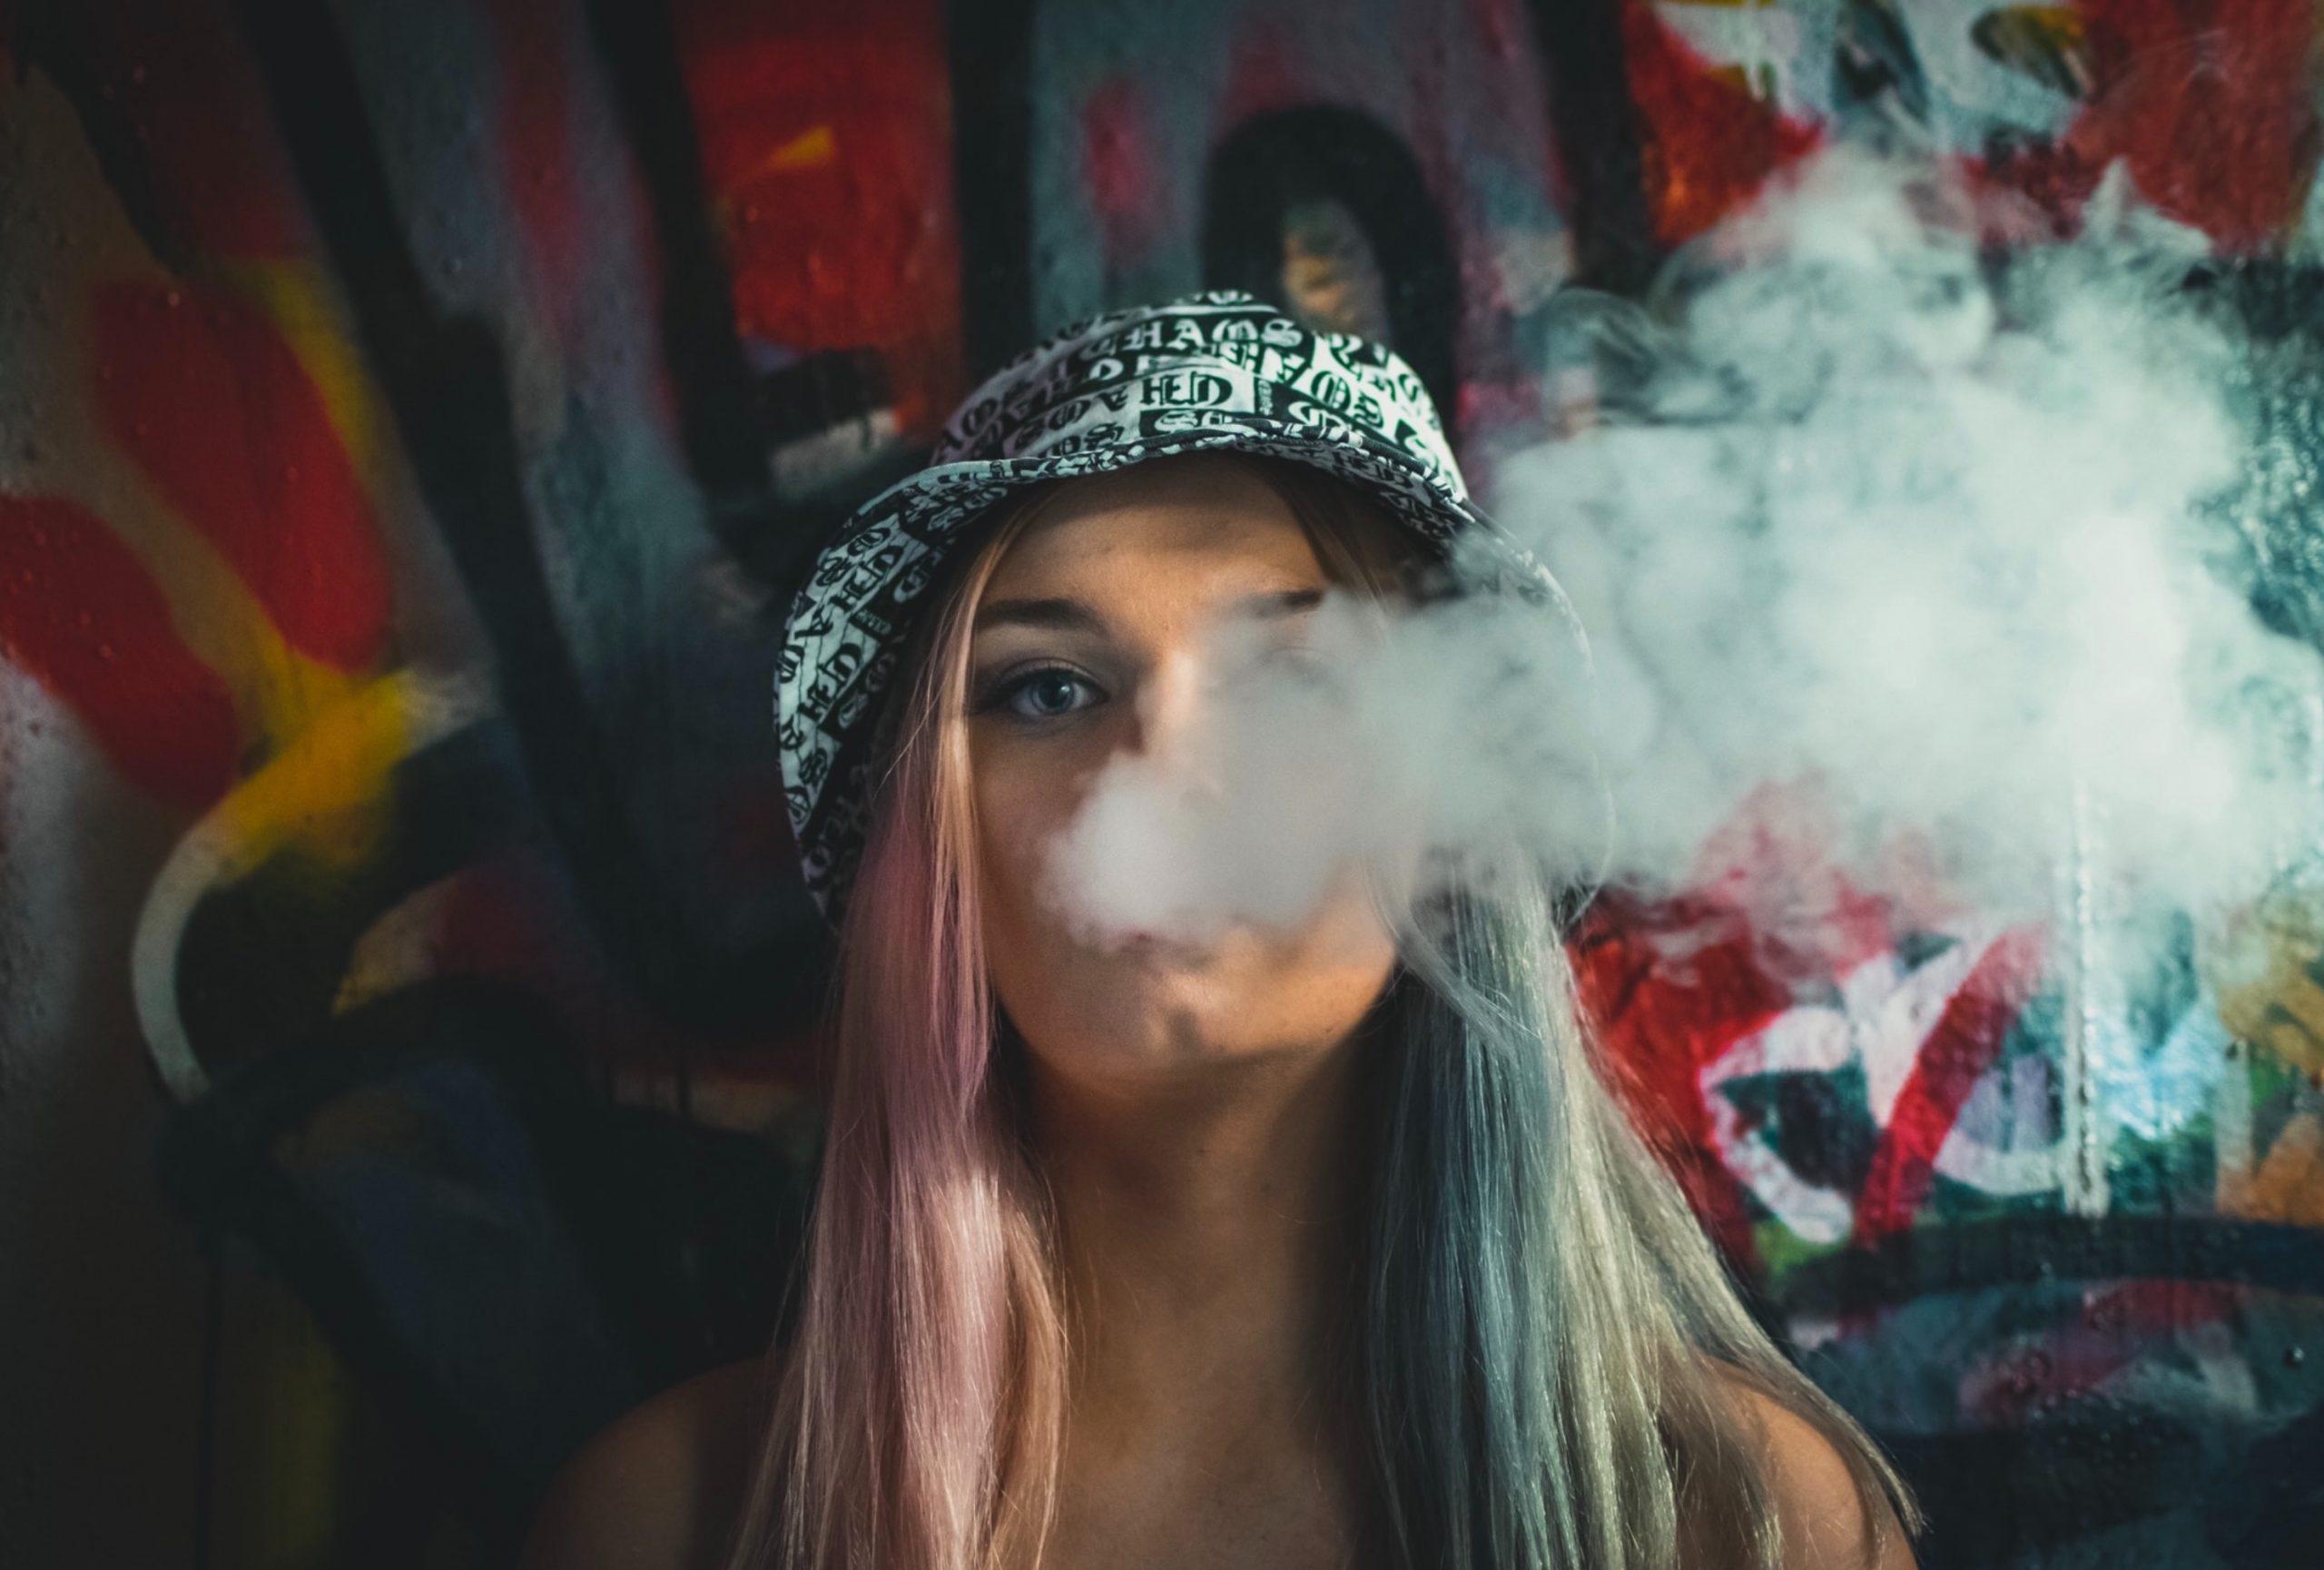 Mädchen mit Mütze am rauchen